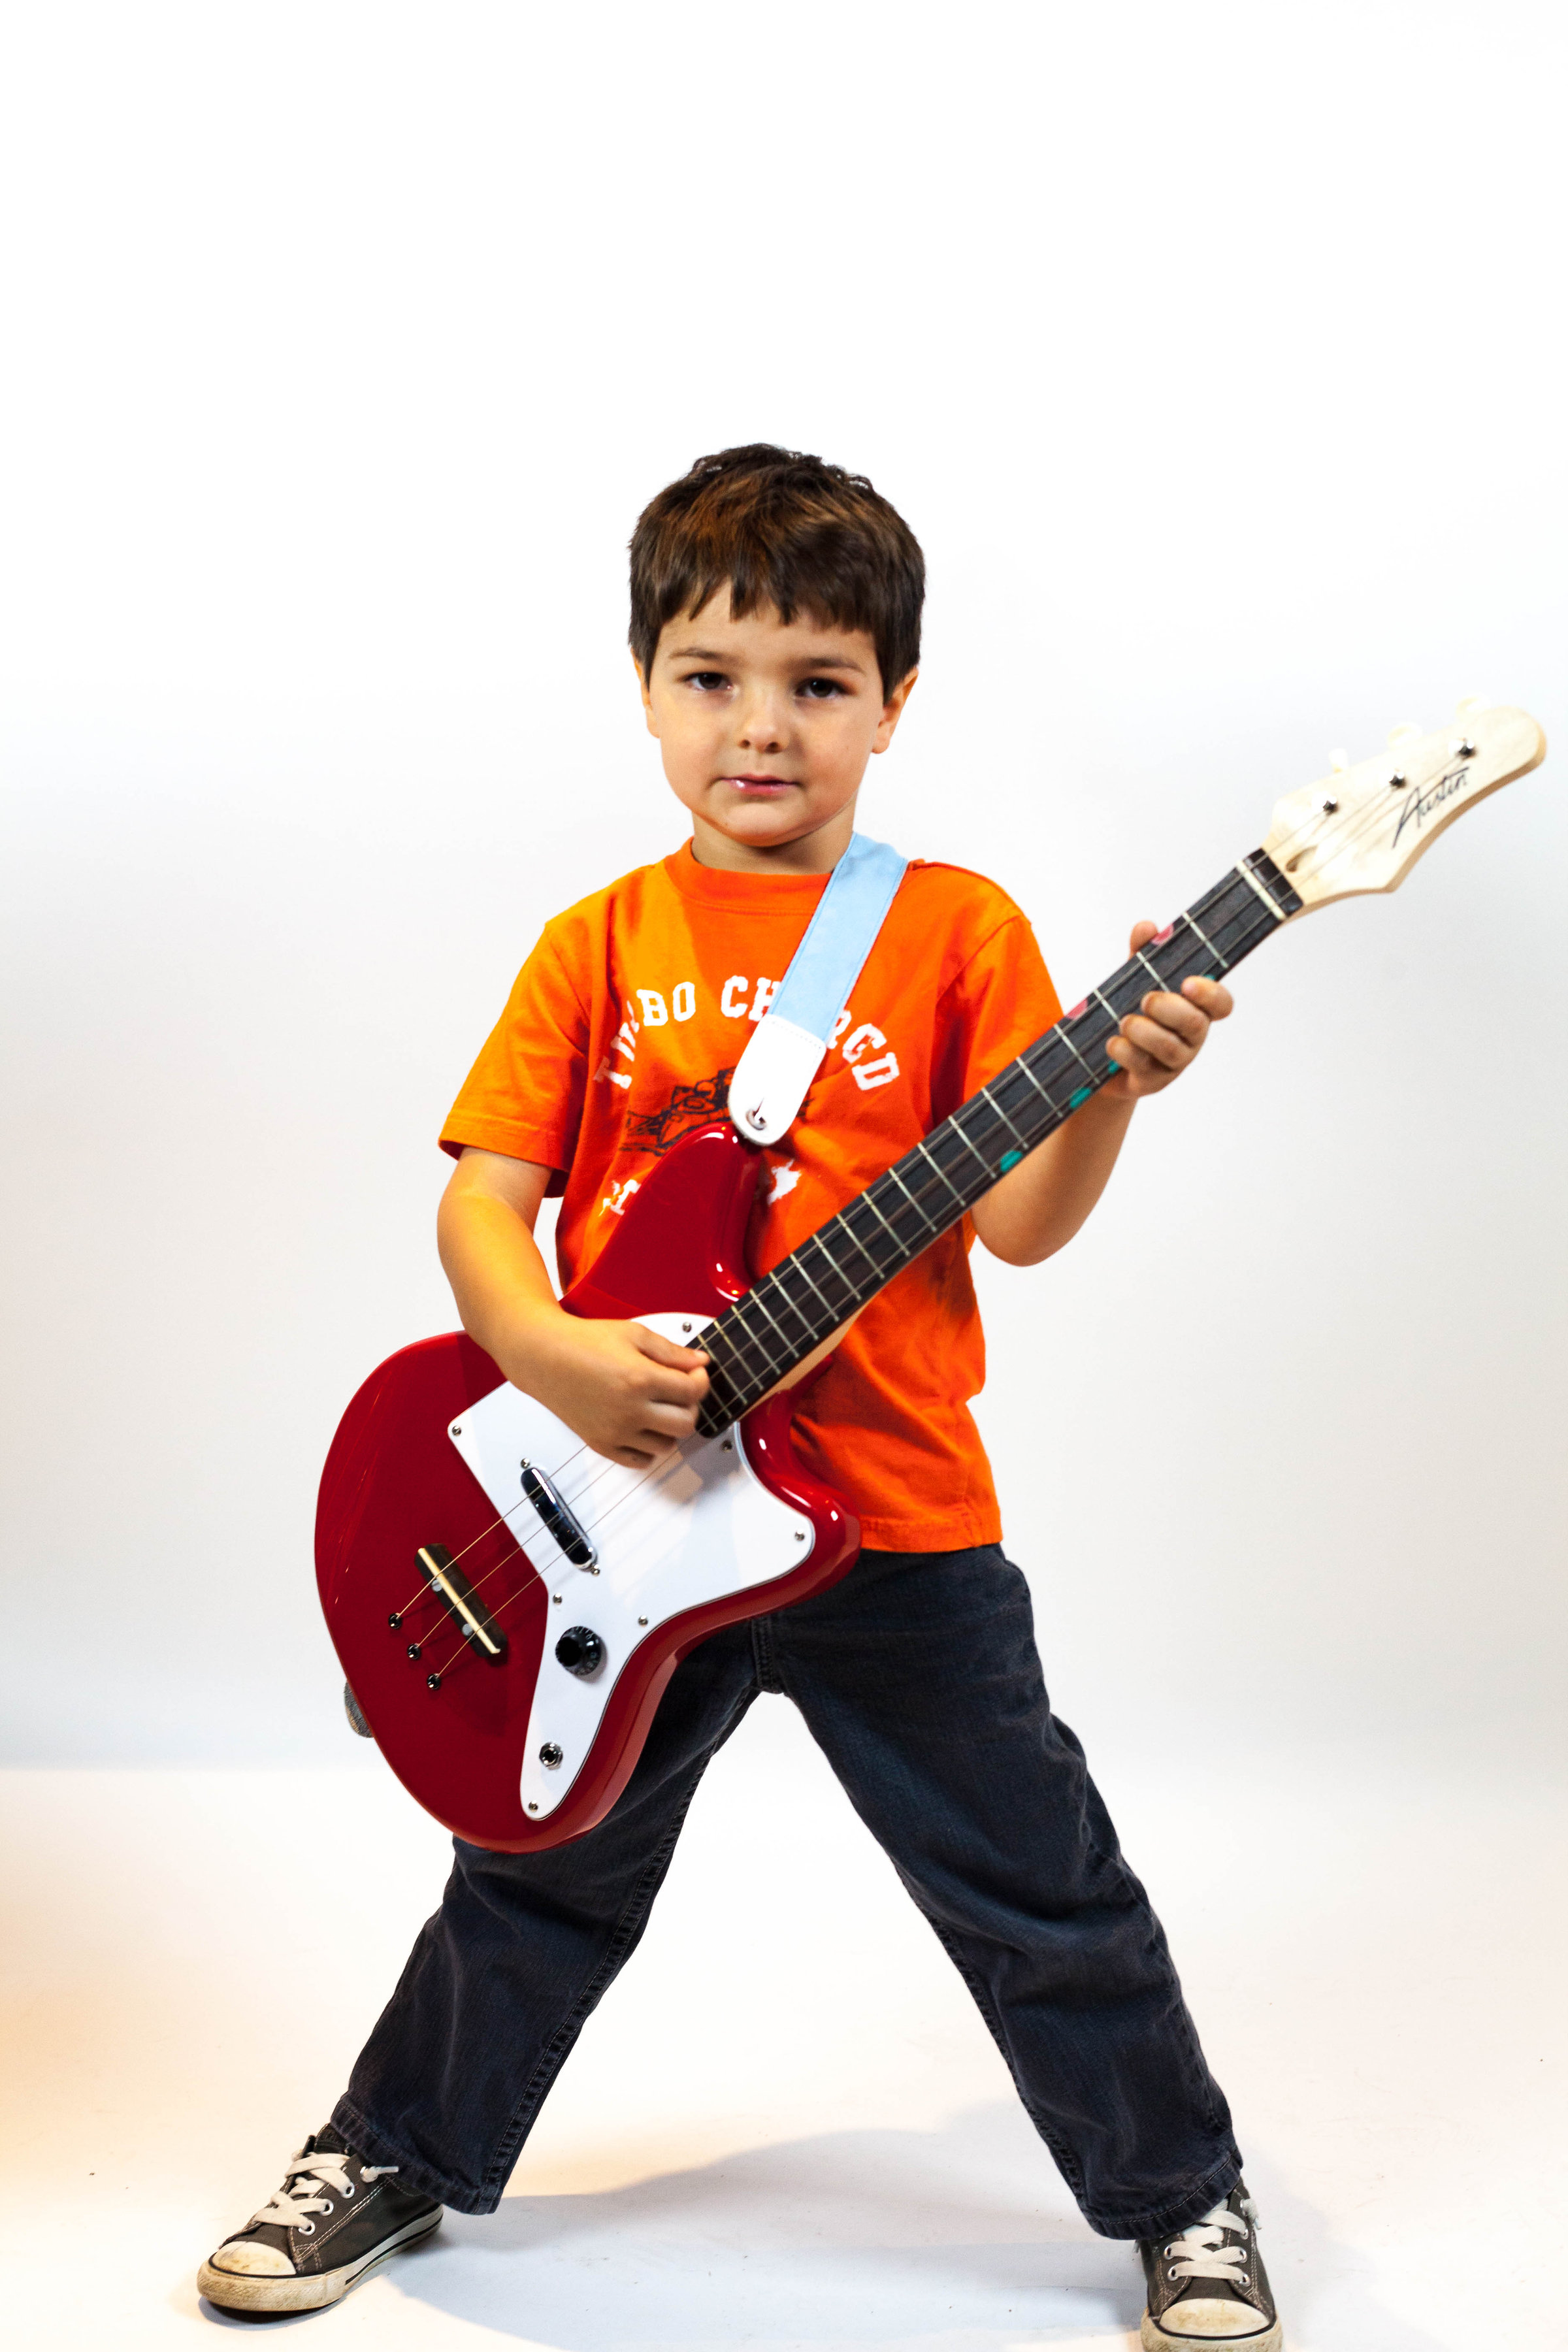 Kidzrock_coolboy_guitar.jpg